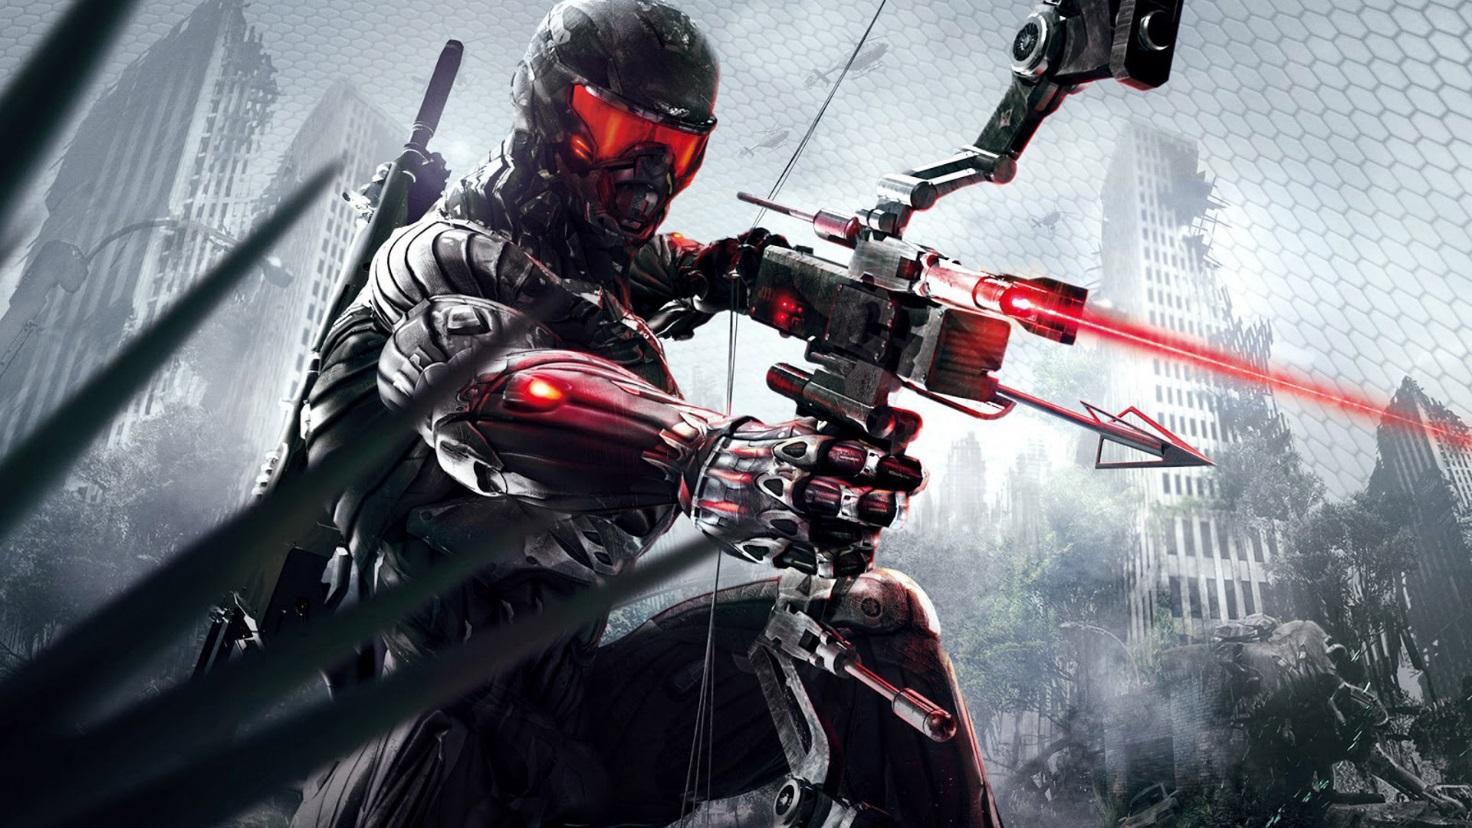 Картинки по запросу Crysis 3